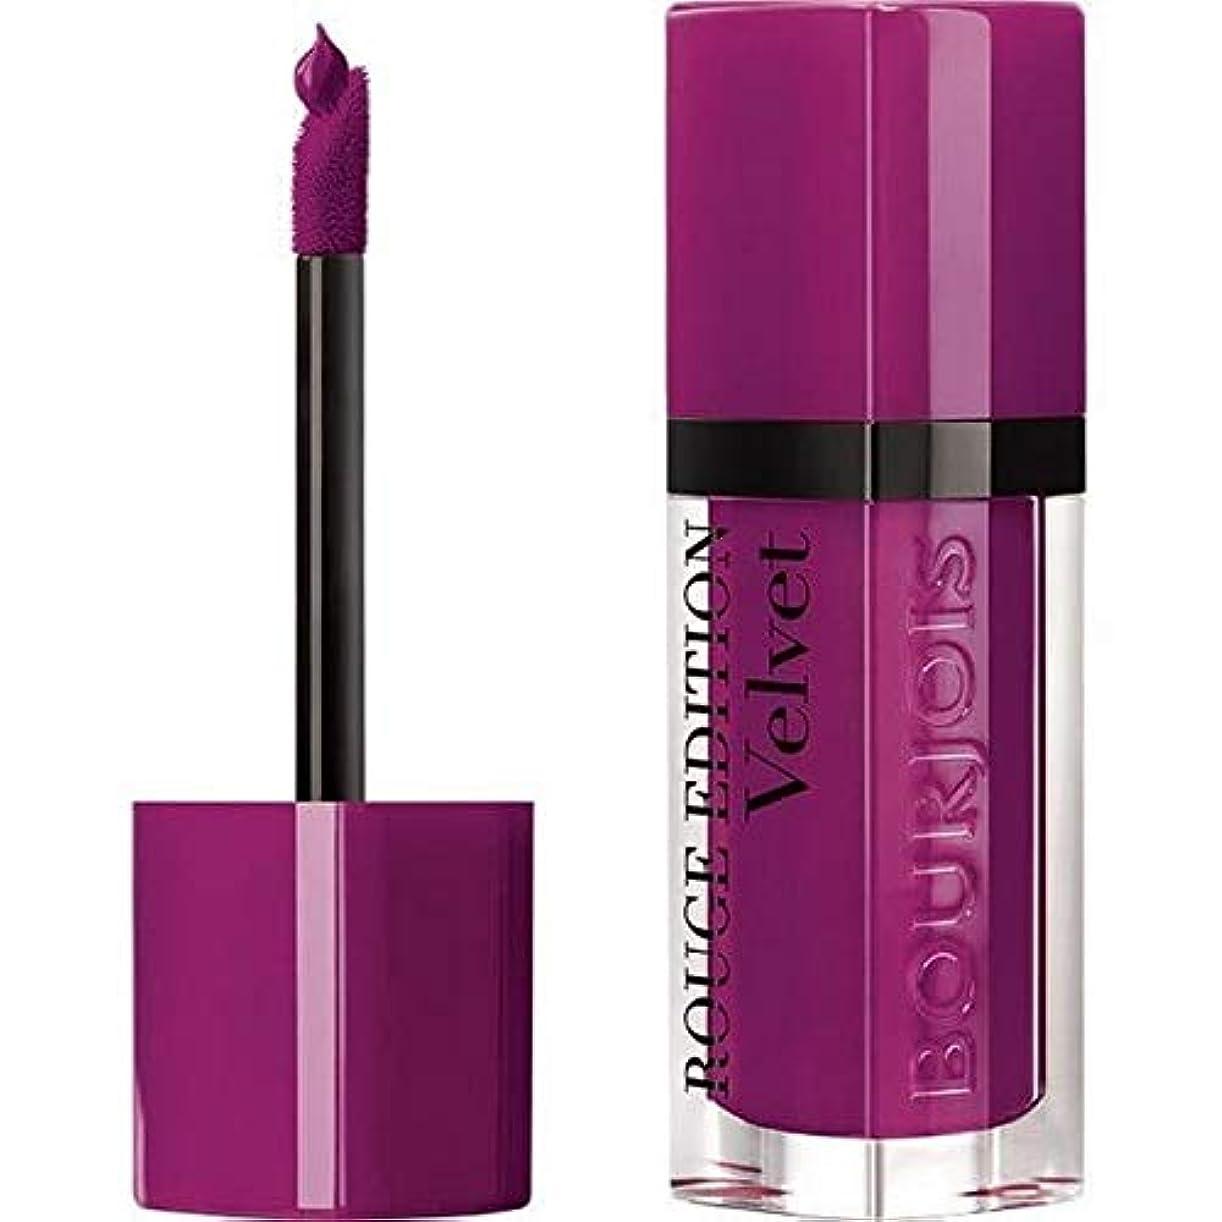 封建ペルー確かに[Bourjois ] ブルジョワ口紅ルージュ版ベルベット21 Saperliprunette - Bourjois Lipstick Rouge Edition Velvet 21 Saperliprunette [並行輸入品]